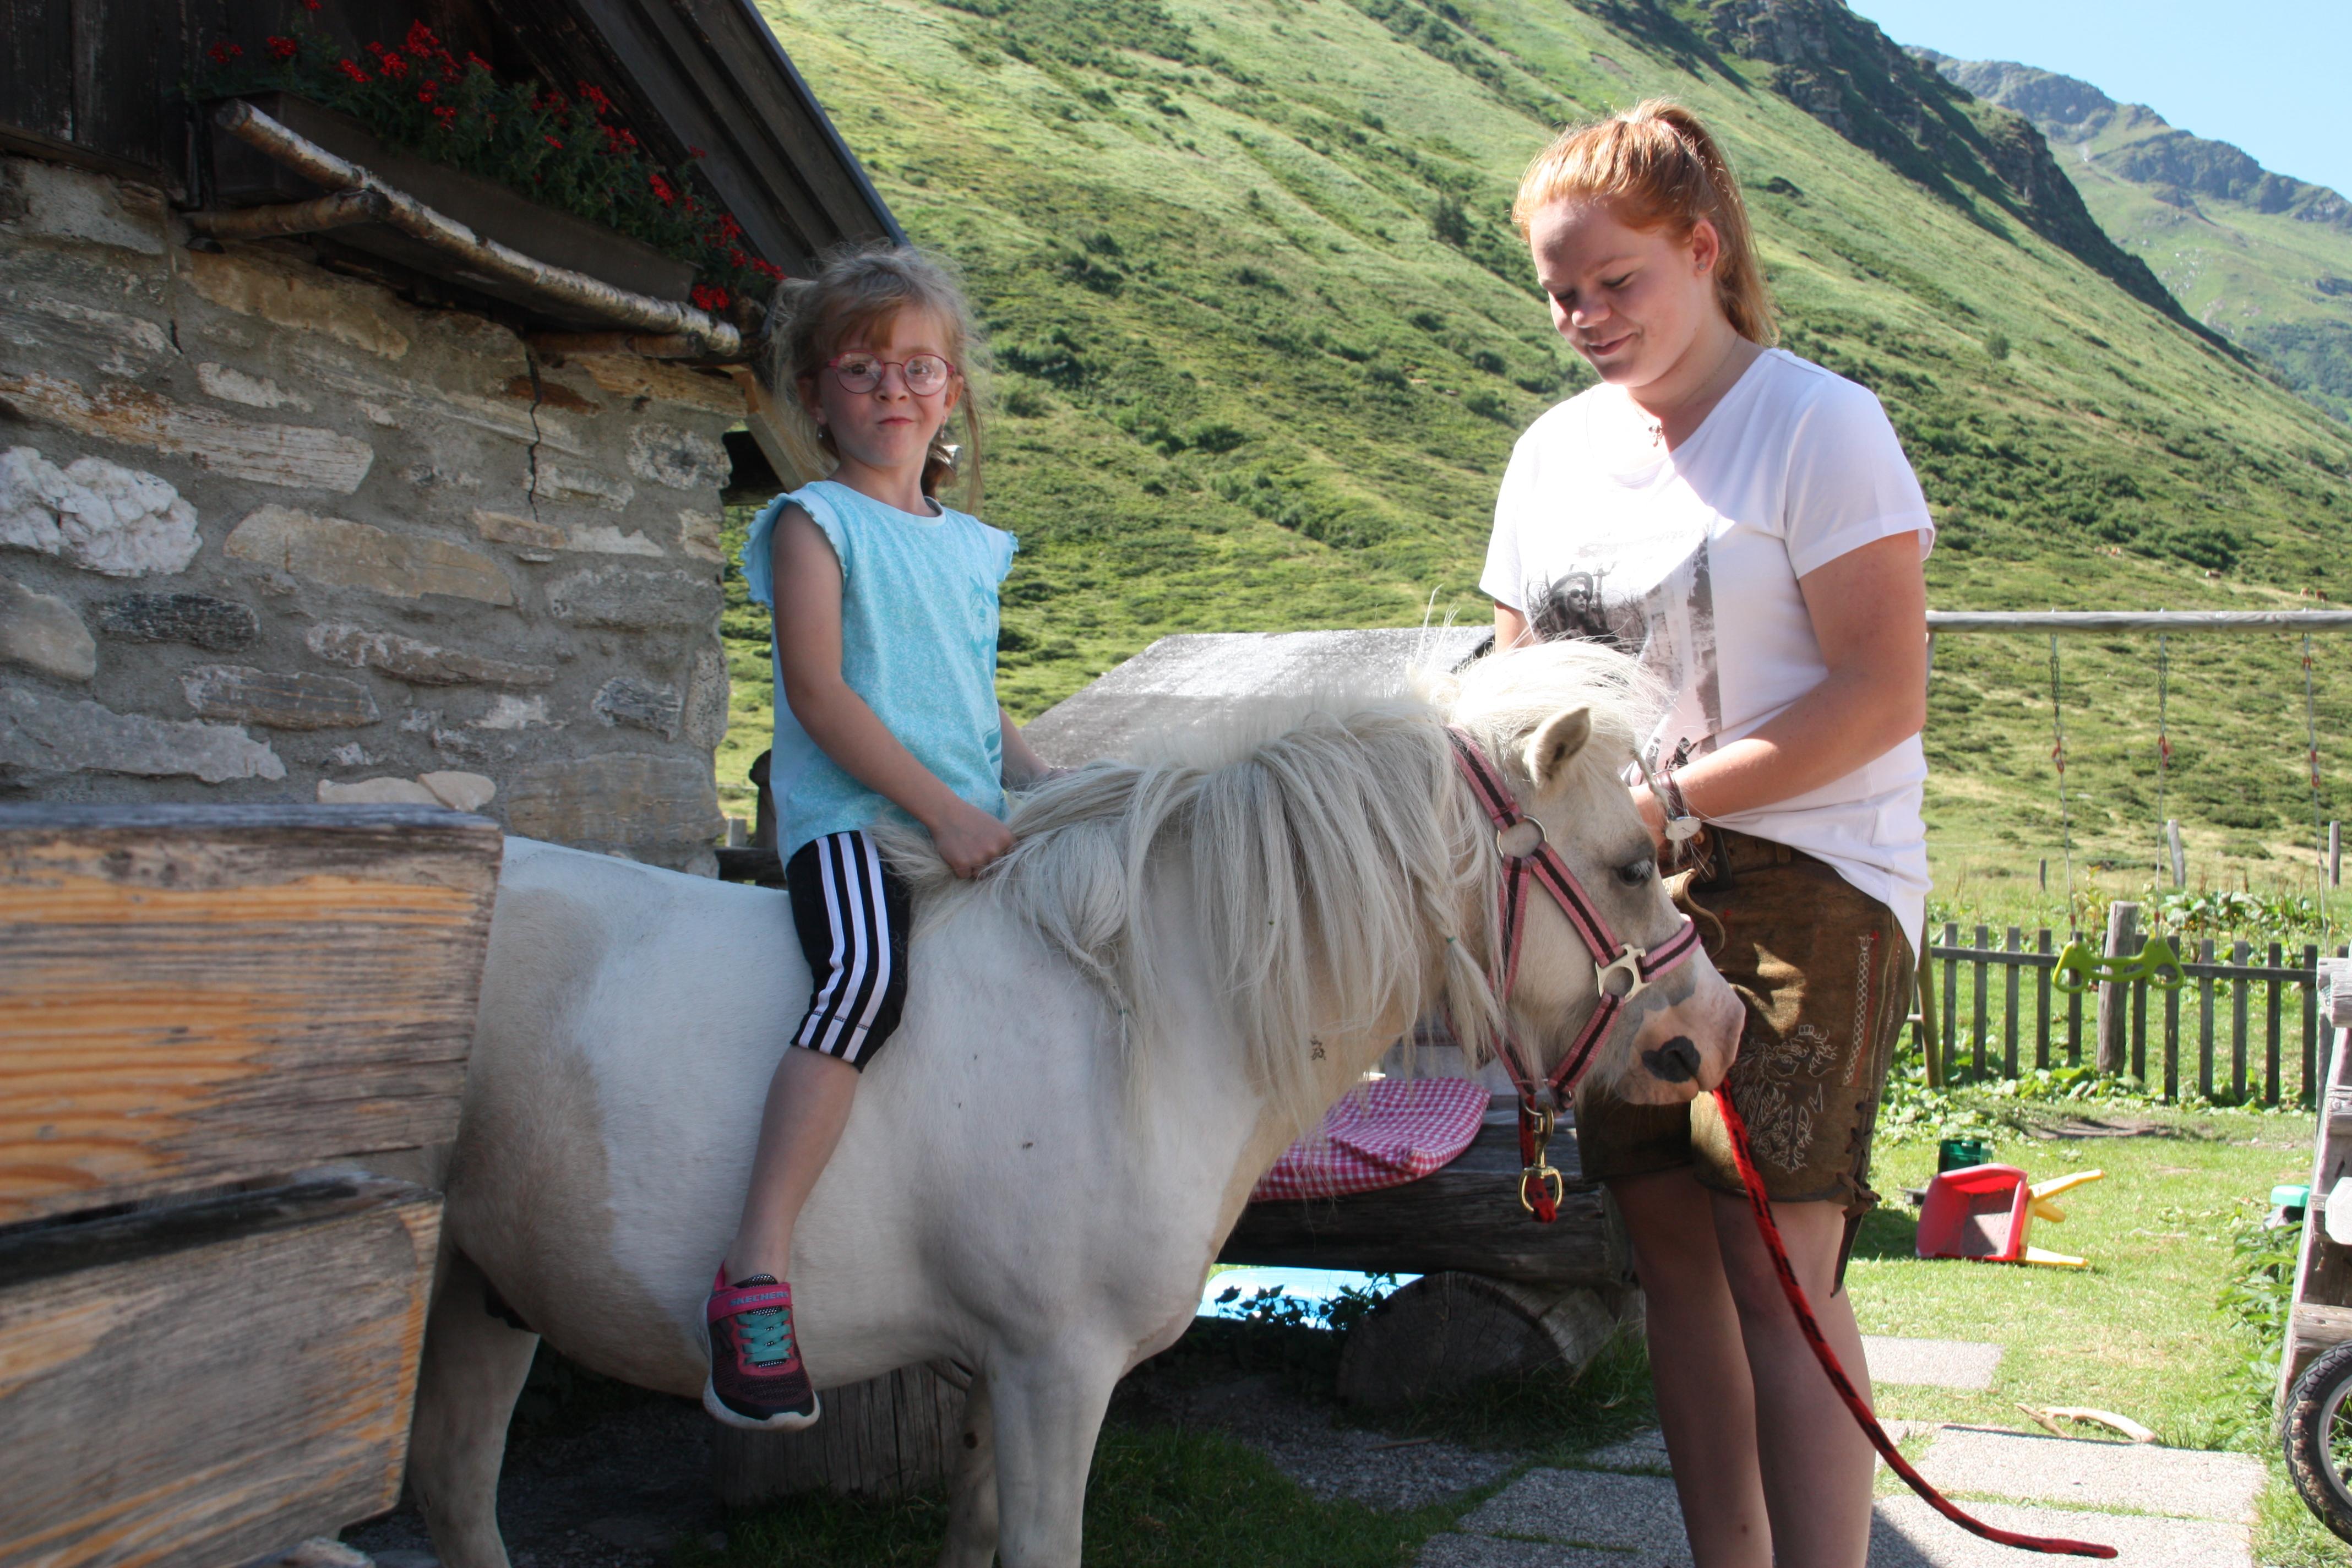 © SalzburgerLand Tourismus, Martina Egger, Eva-Maria und Pony Charly haben viel Spaß und drehen eine Runde um die Hütte